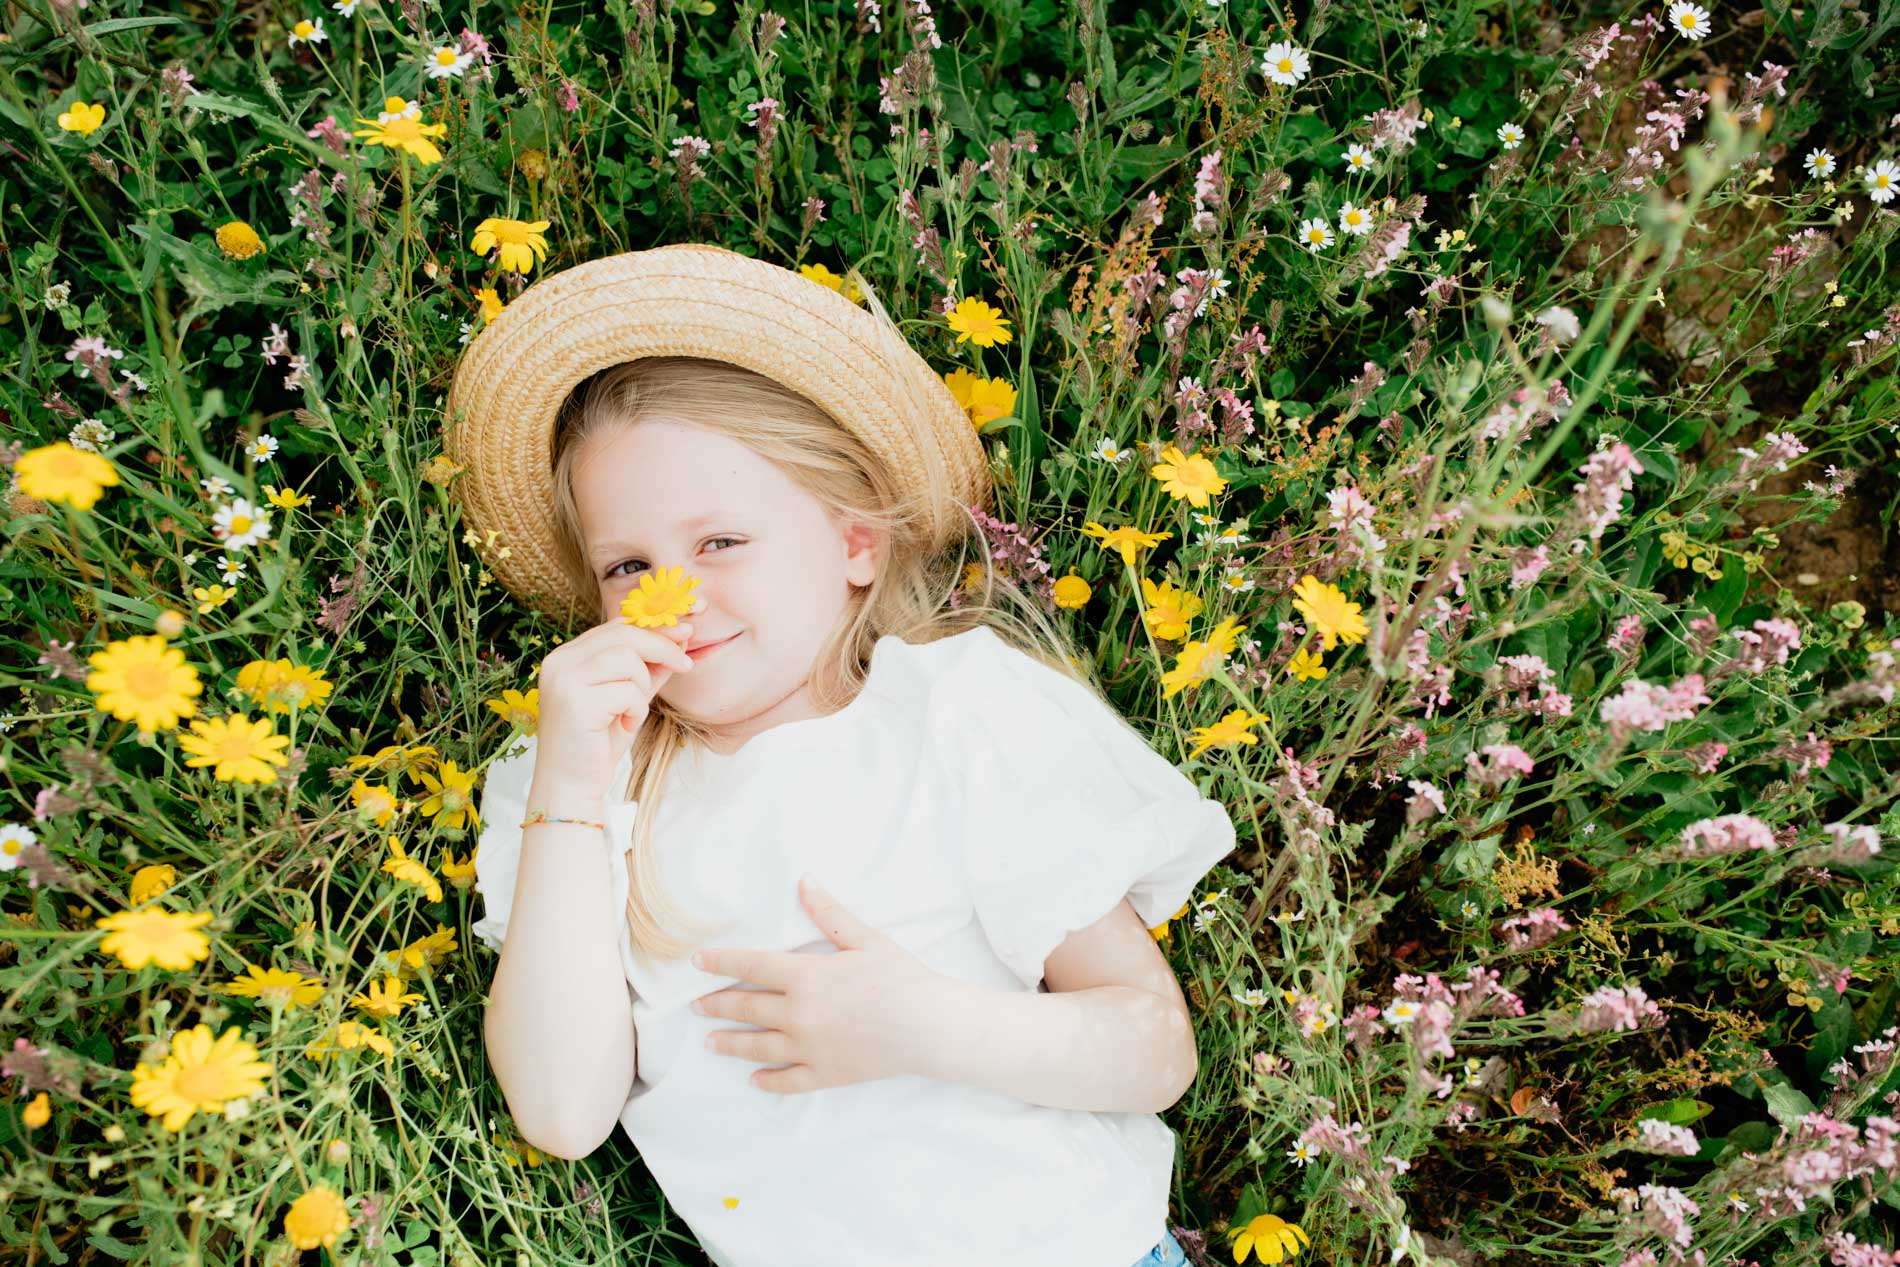 bambina in mezzo ai fiori in primavera